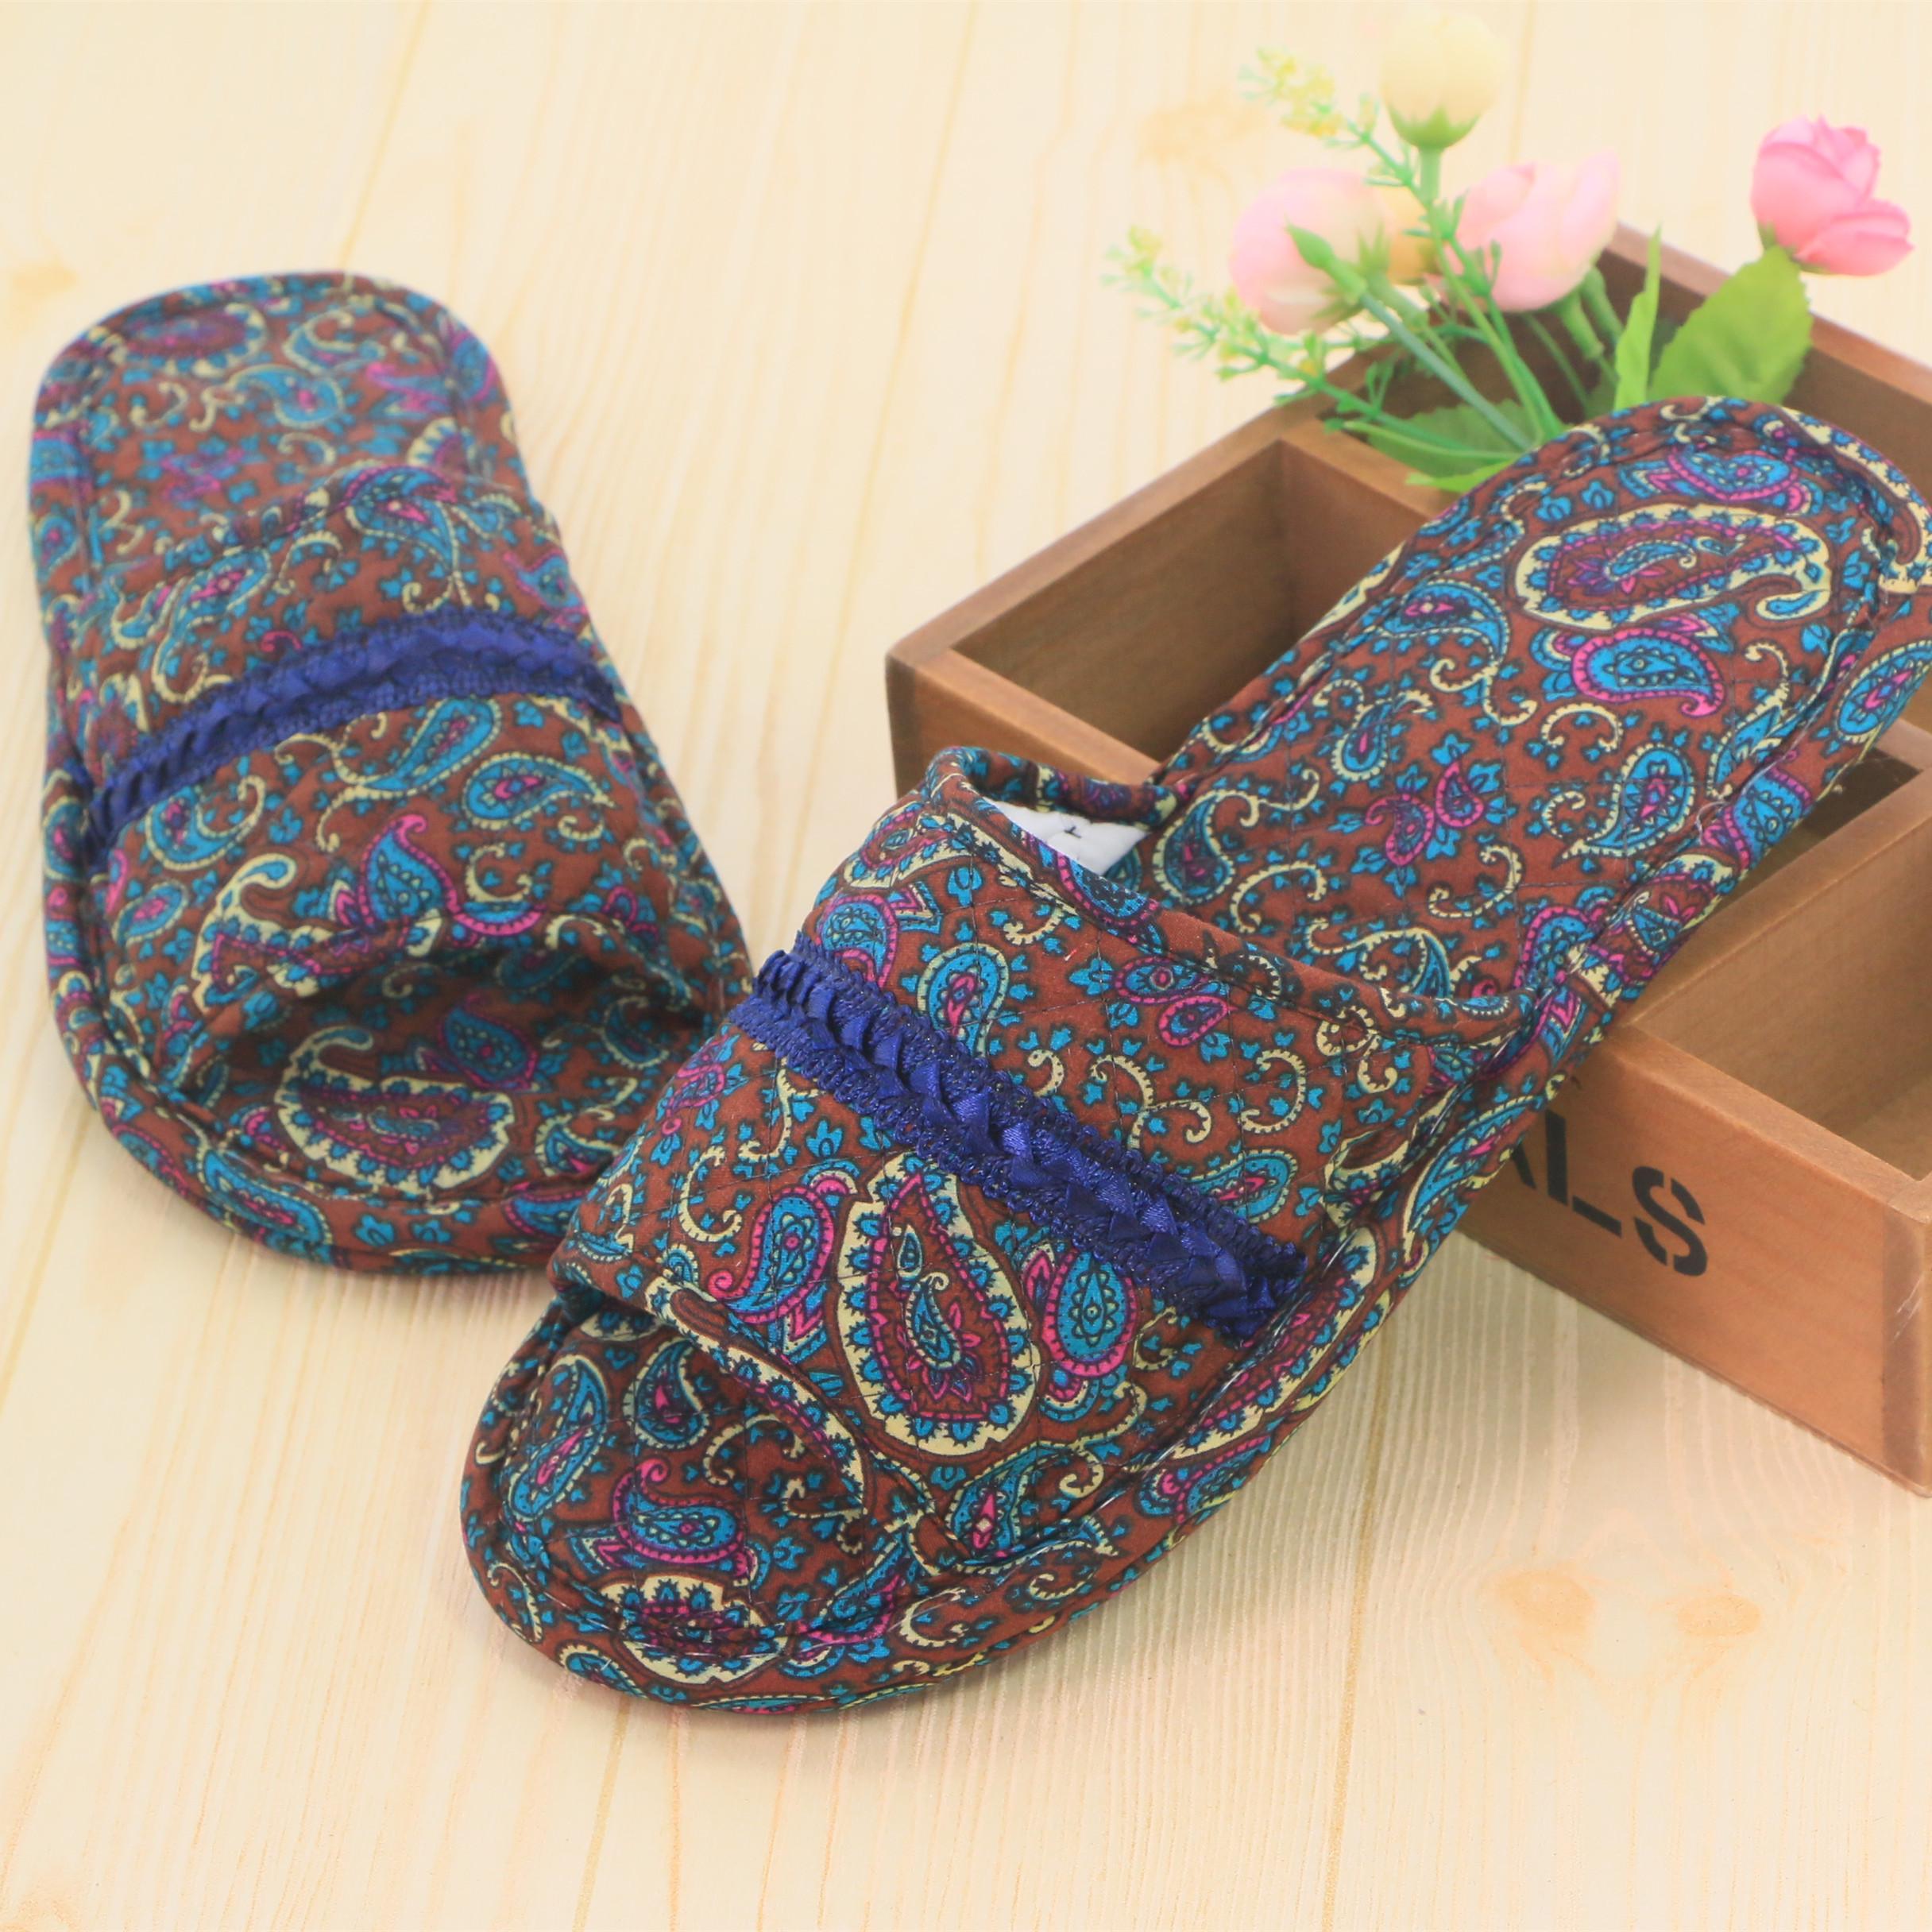 Цвет: Открытым носком Бодхи коричневый